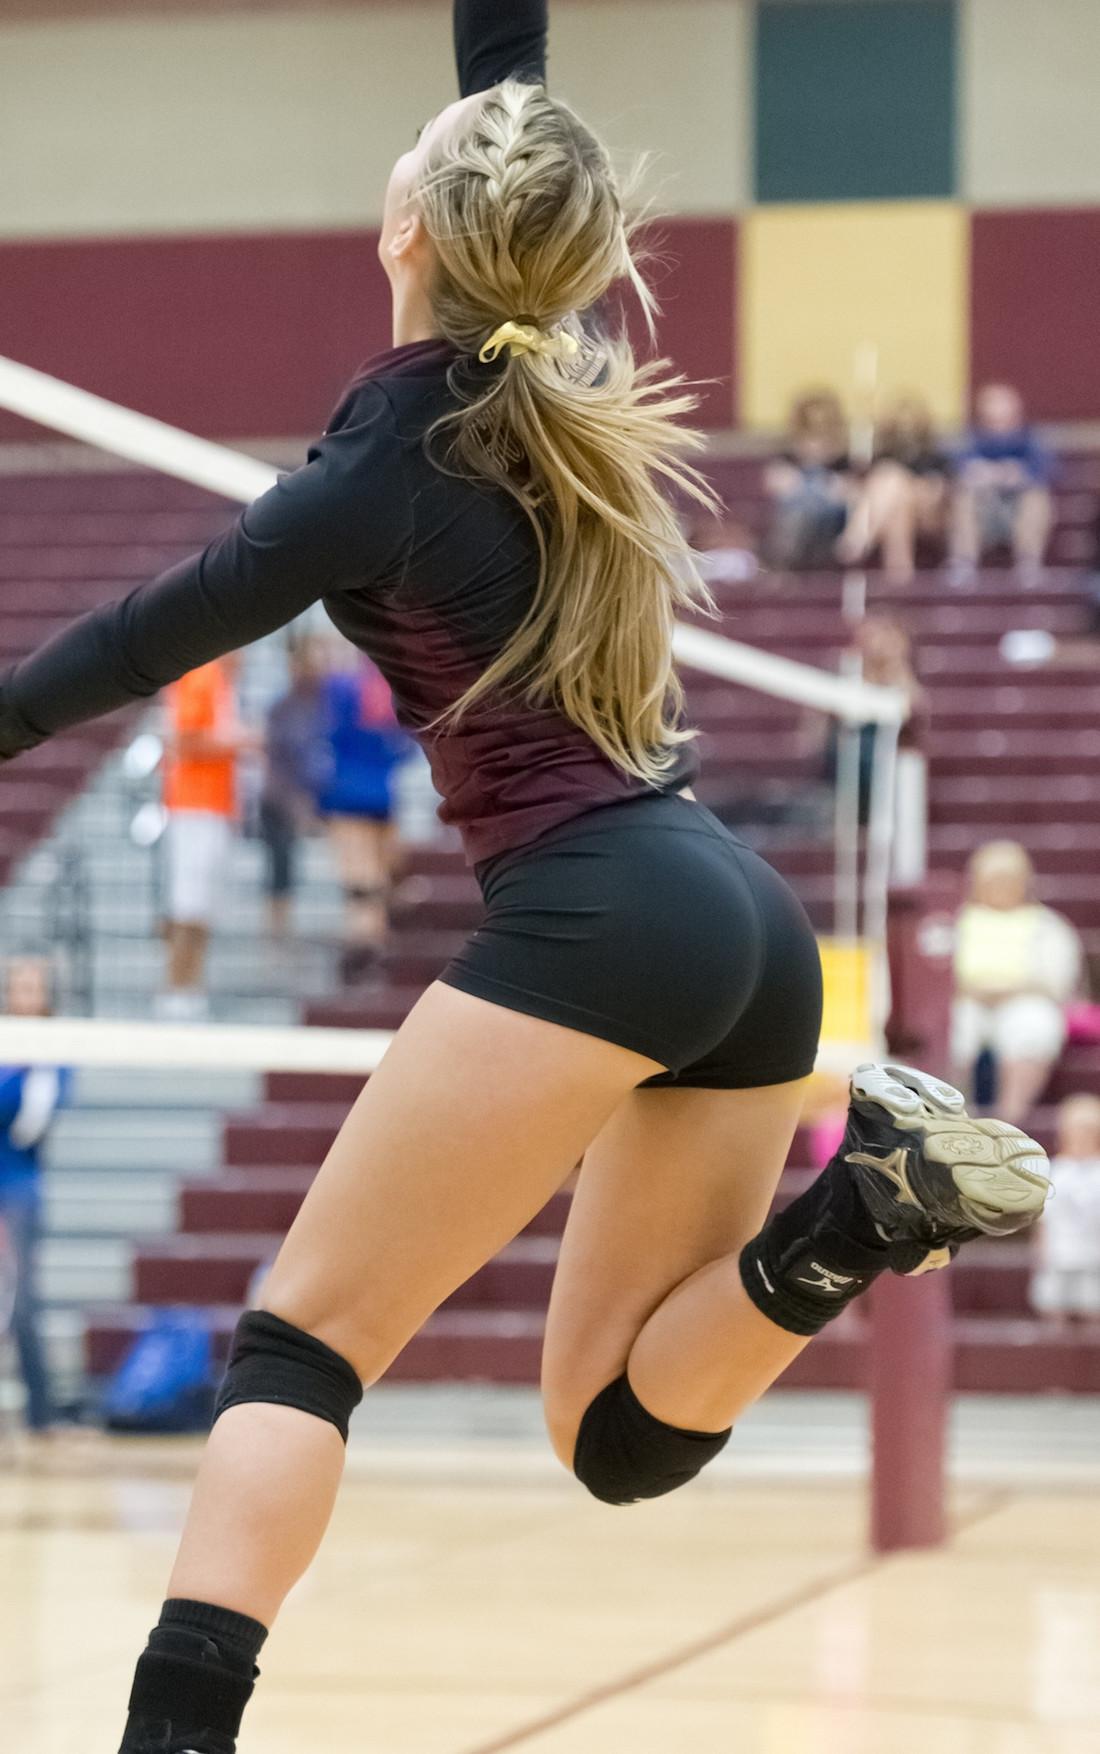 Спортивных девок пост